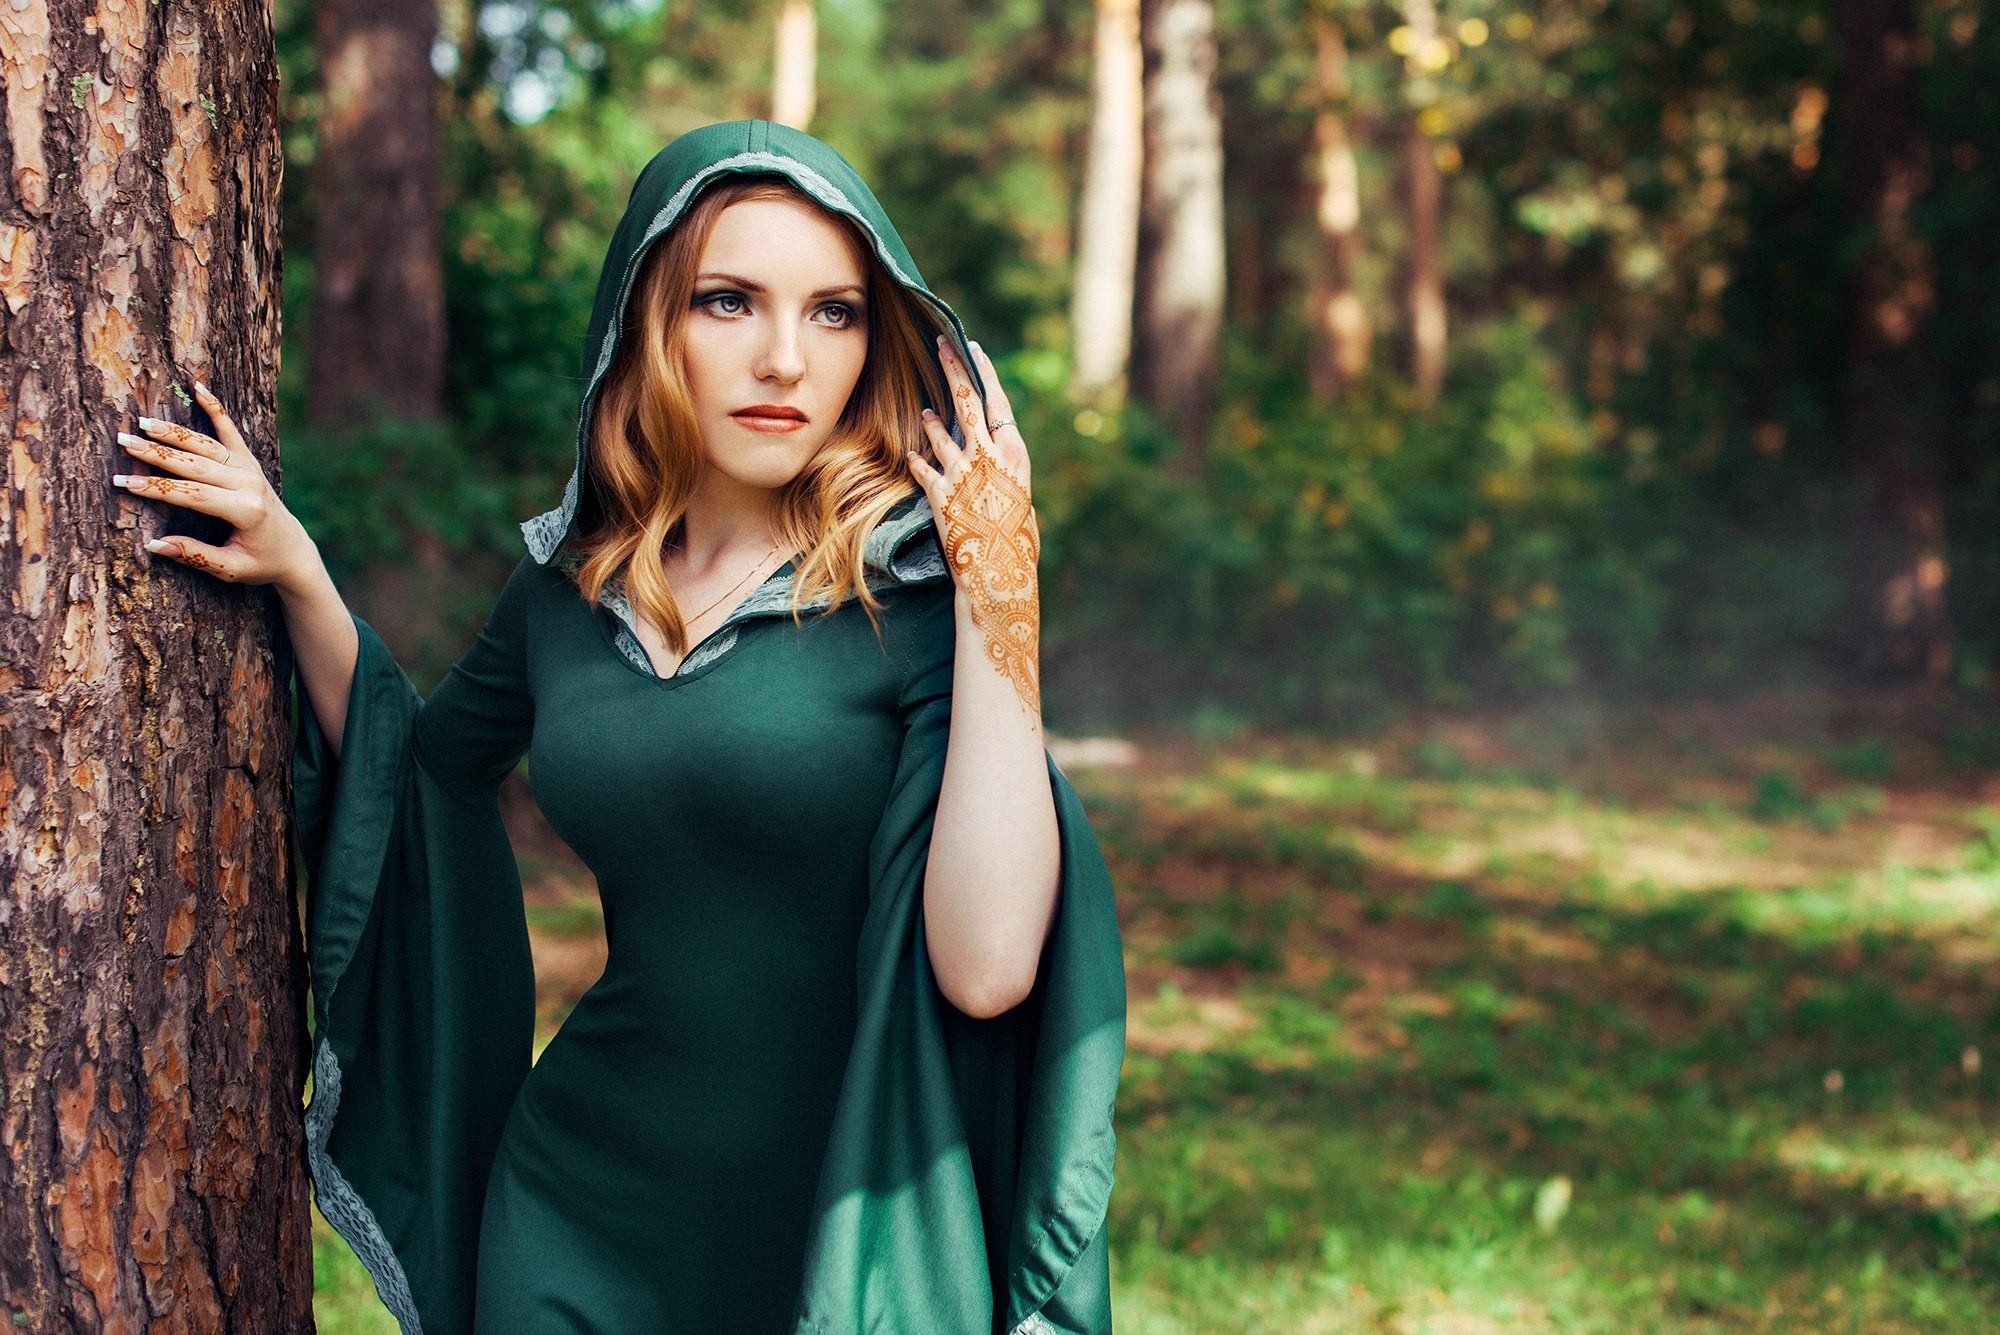 Картинка красивая девушка в зеленом